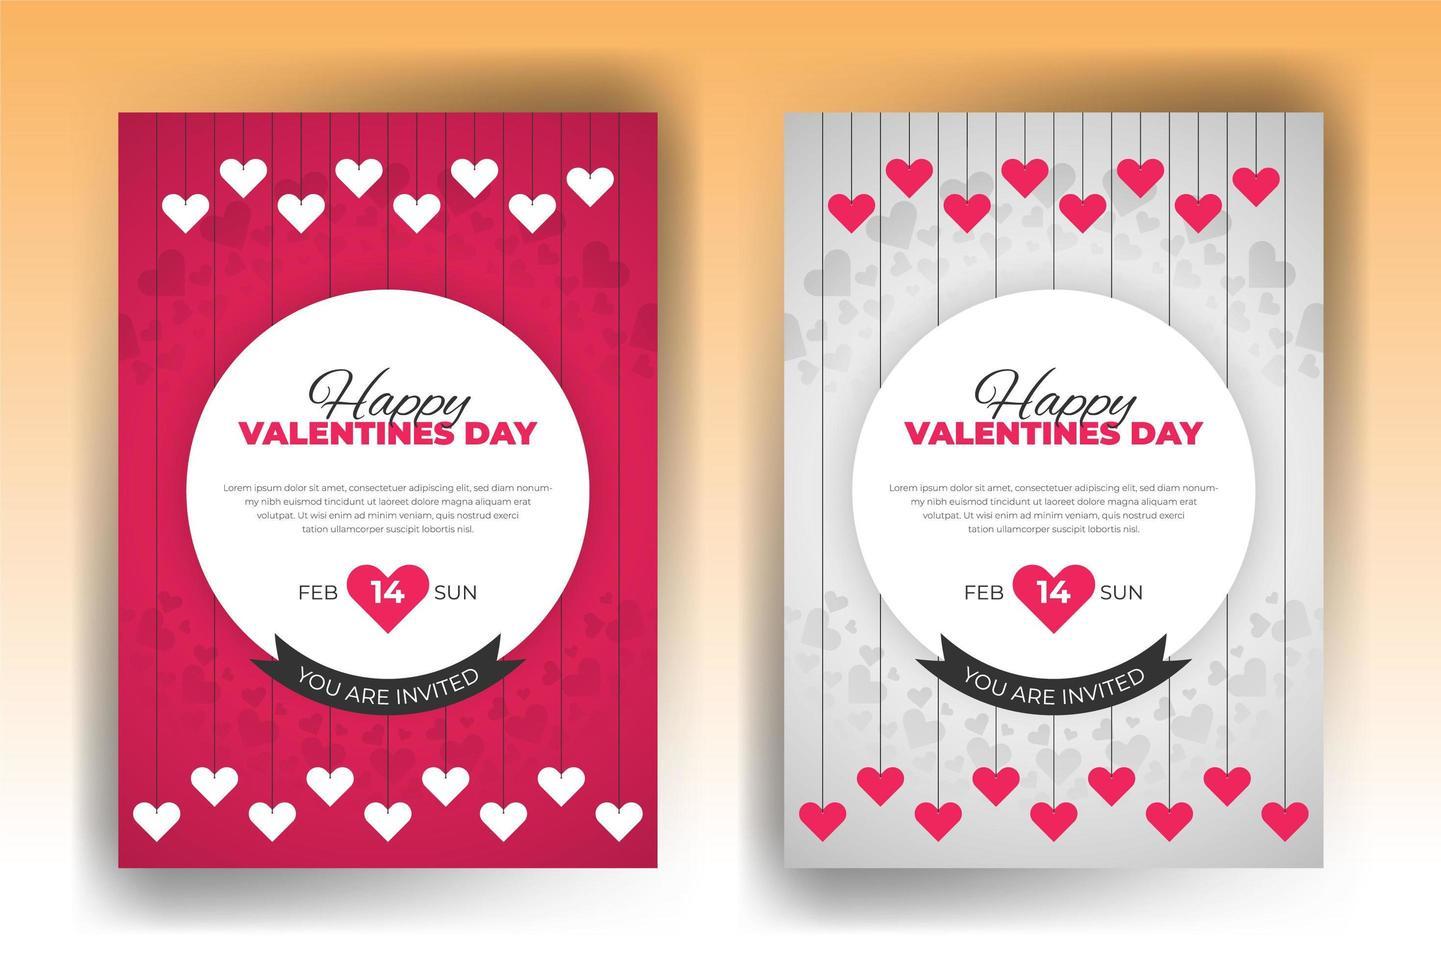 Alla hjärtans dag inbjudan kort formgivningsmall vektor